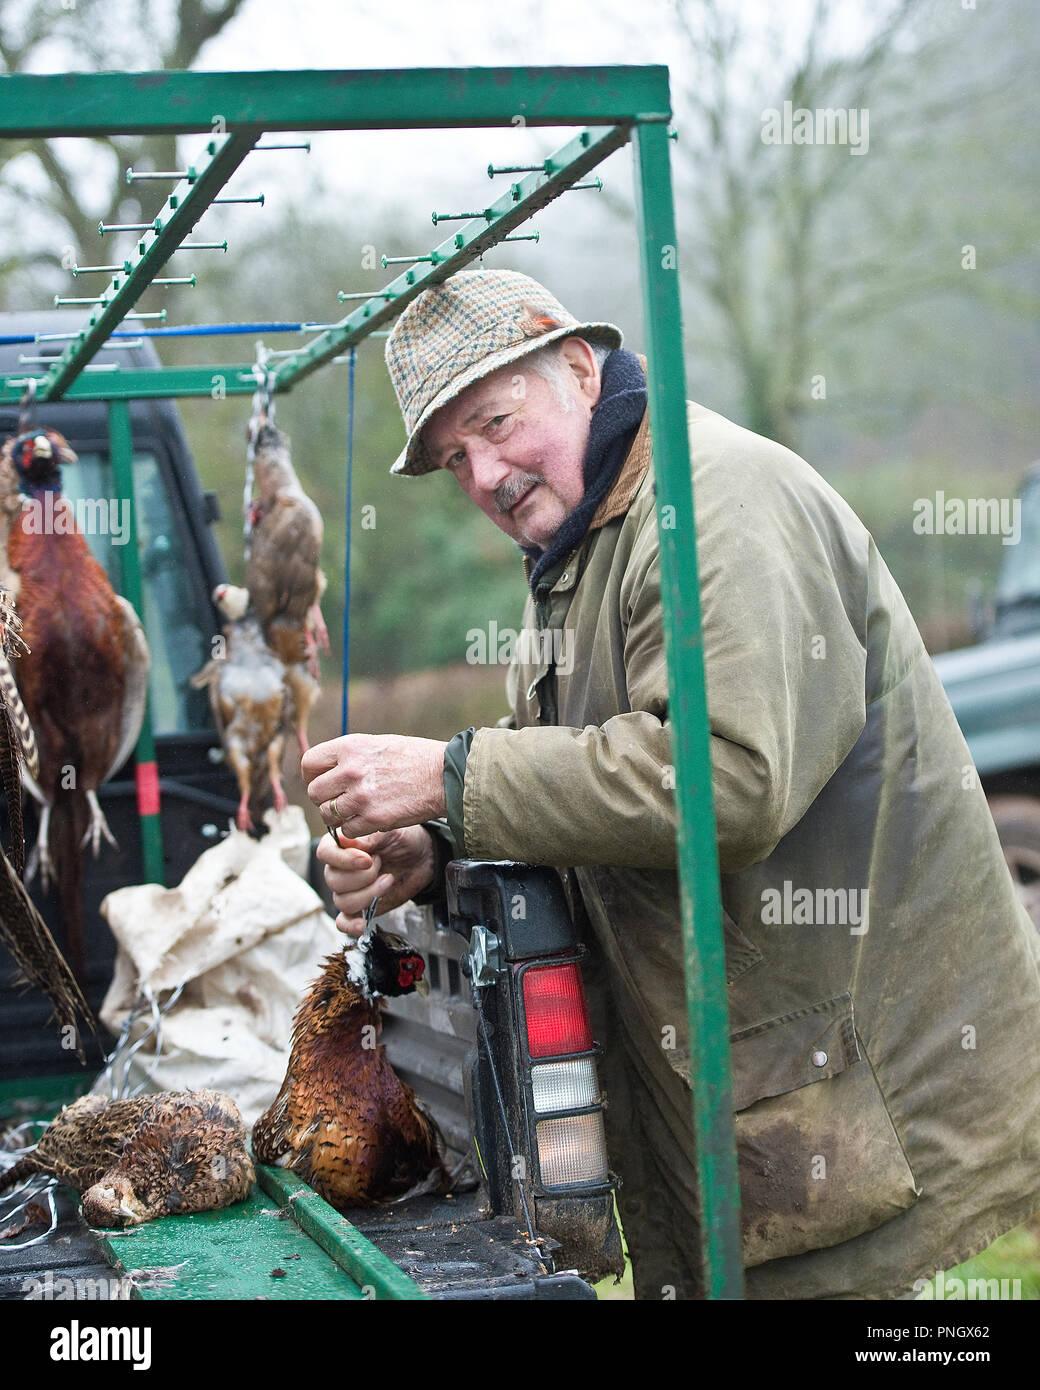 man hanging shot pheasants on game cart - Stock Image